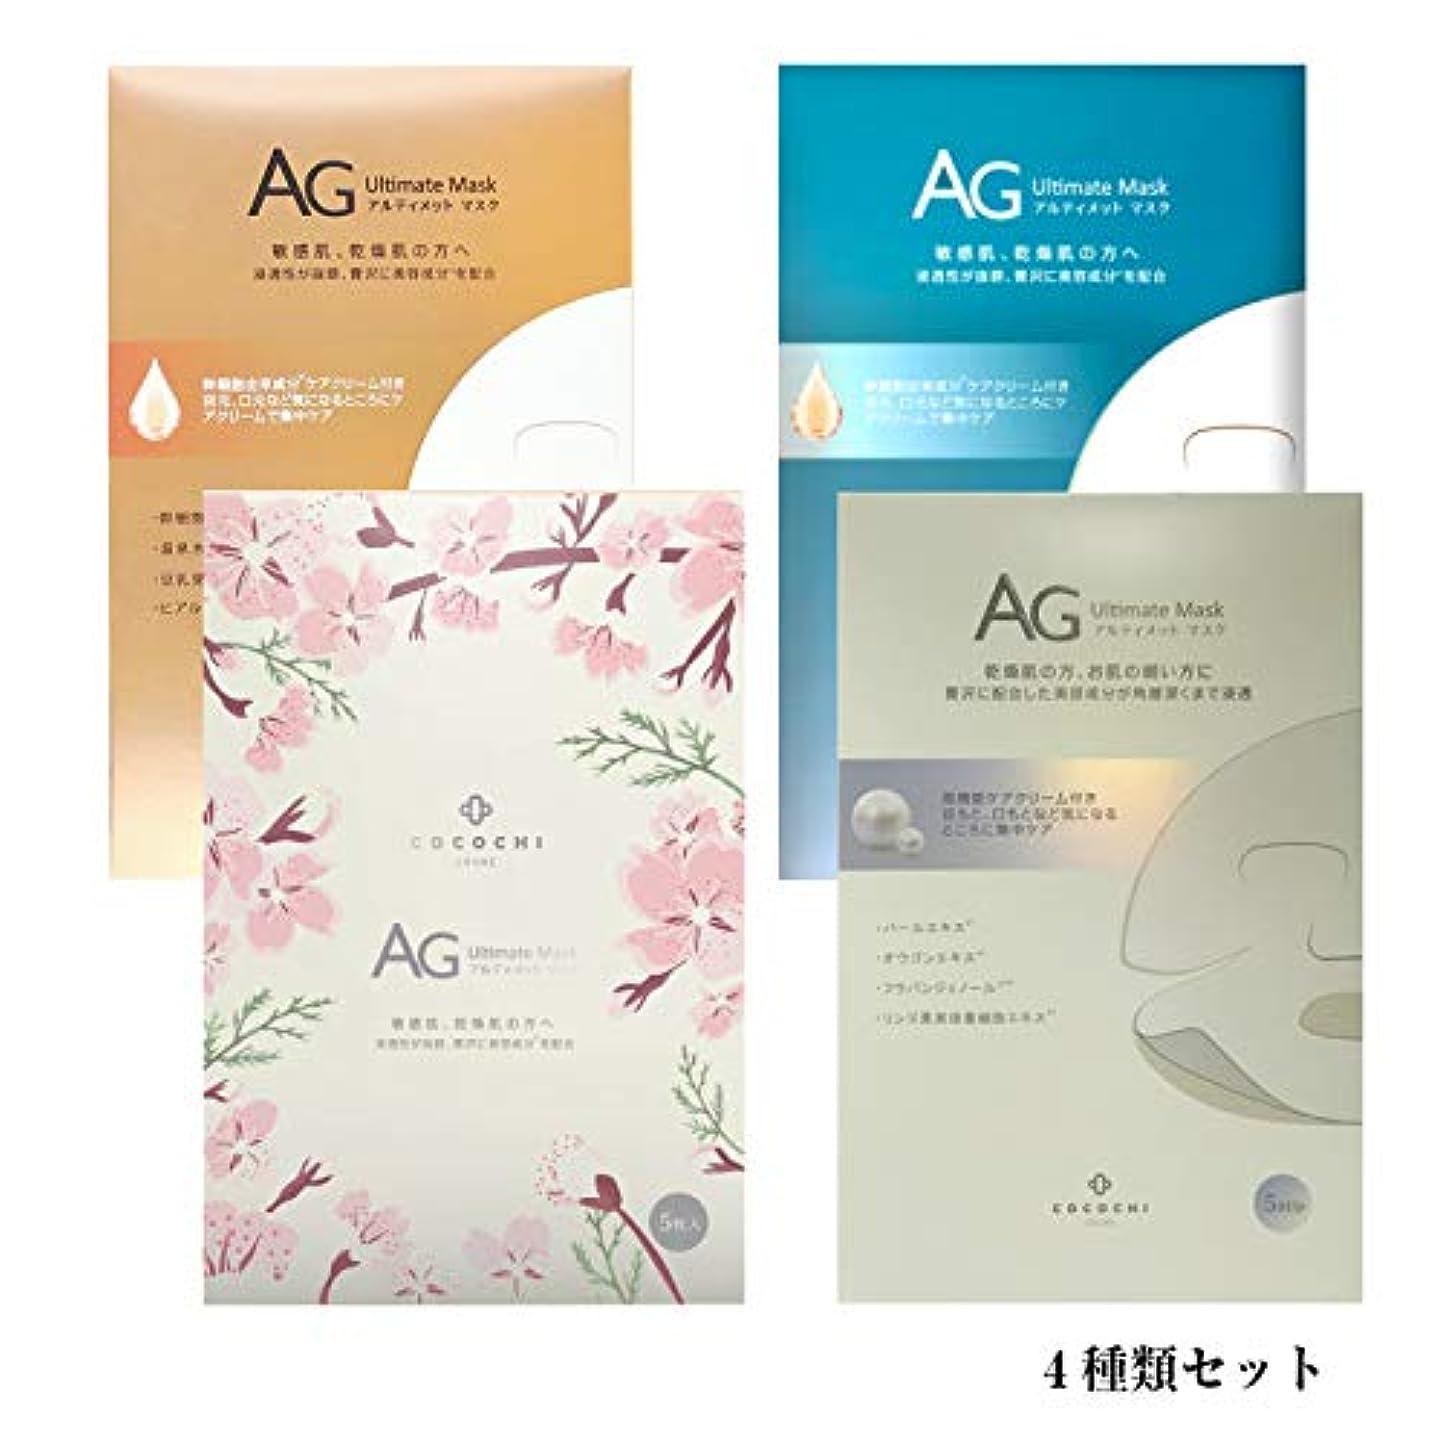 救援序文定義するAGアルティメットマスク 4種類セット AG アルティメットマスク/オーシャンマスク/さくら/アコヤ真珠マスク